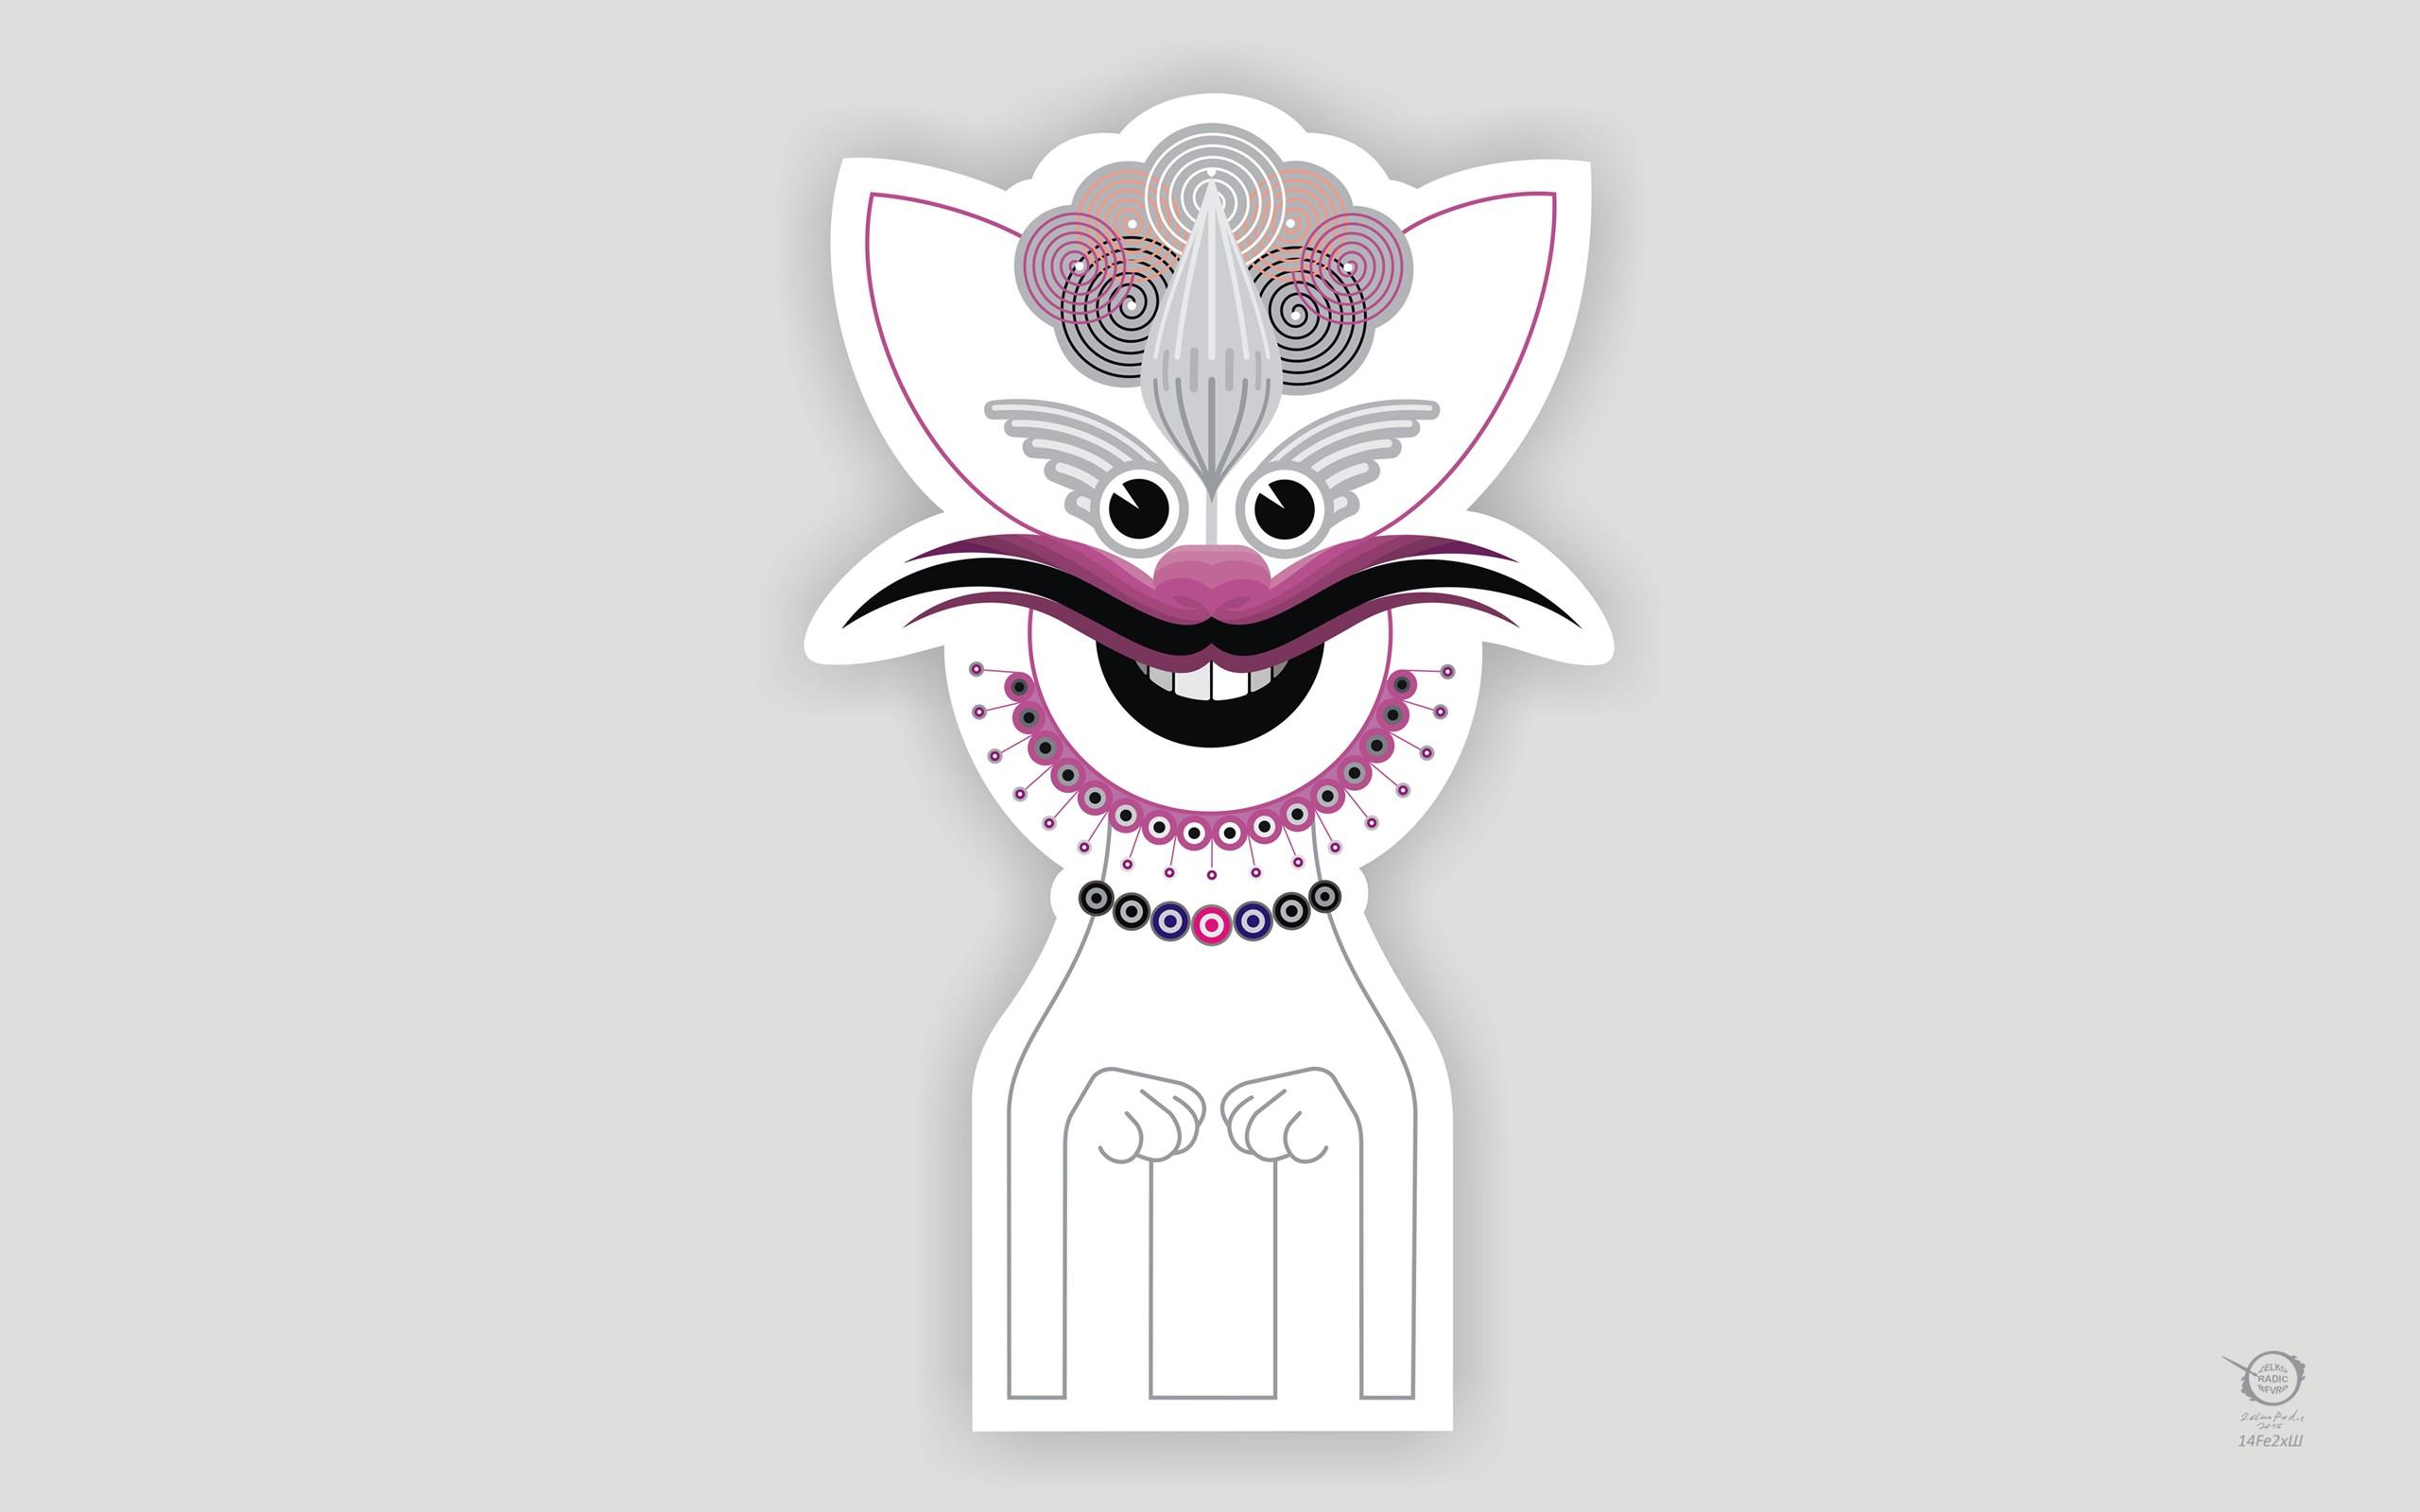 Wallpaper Ilustrasi Kucing Logo Gambar Kartun Sketsa